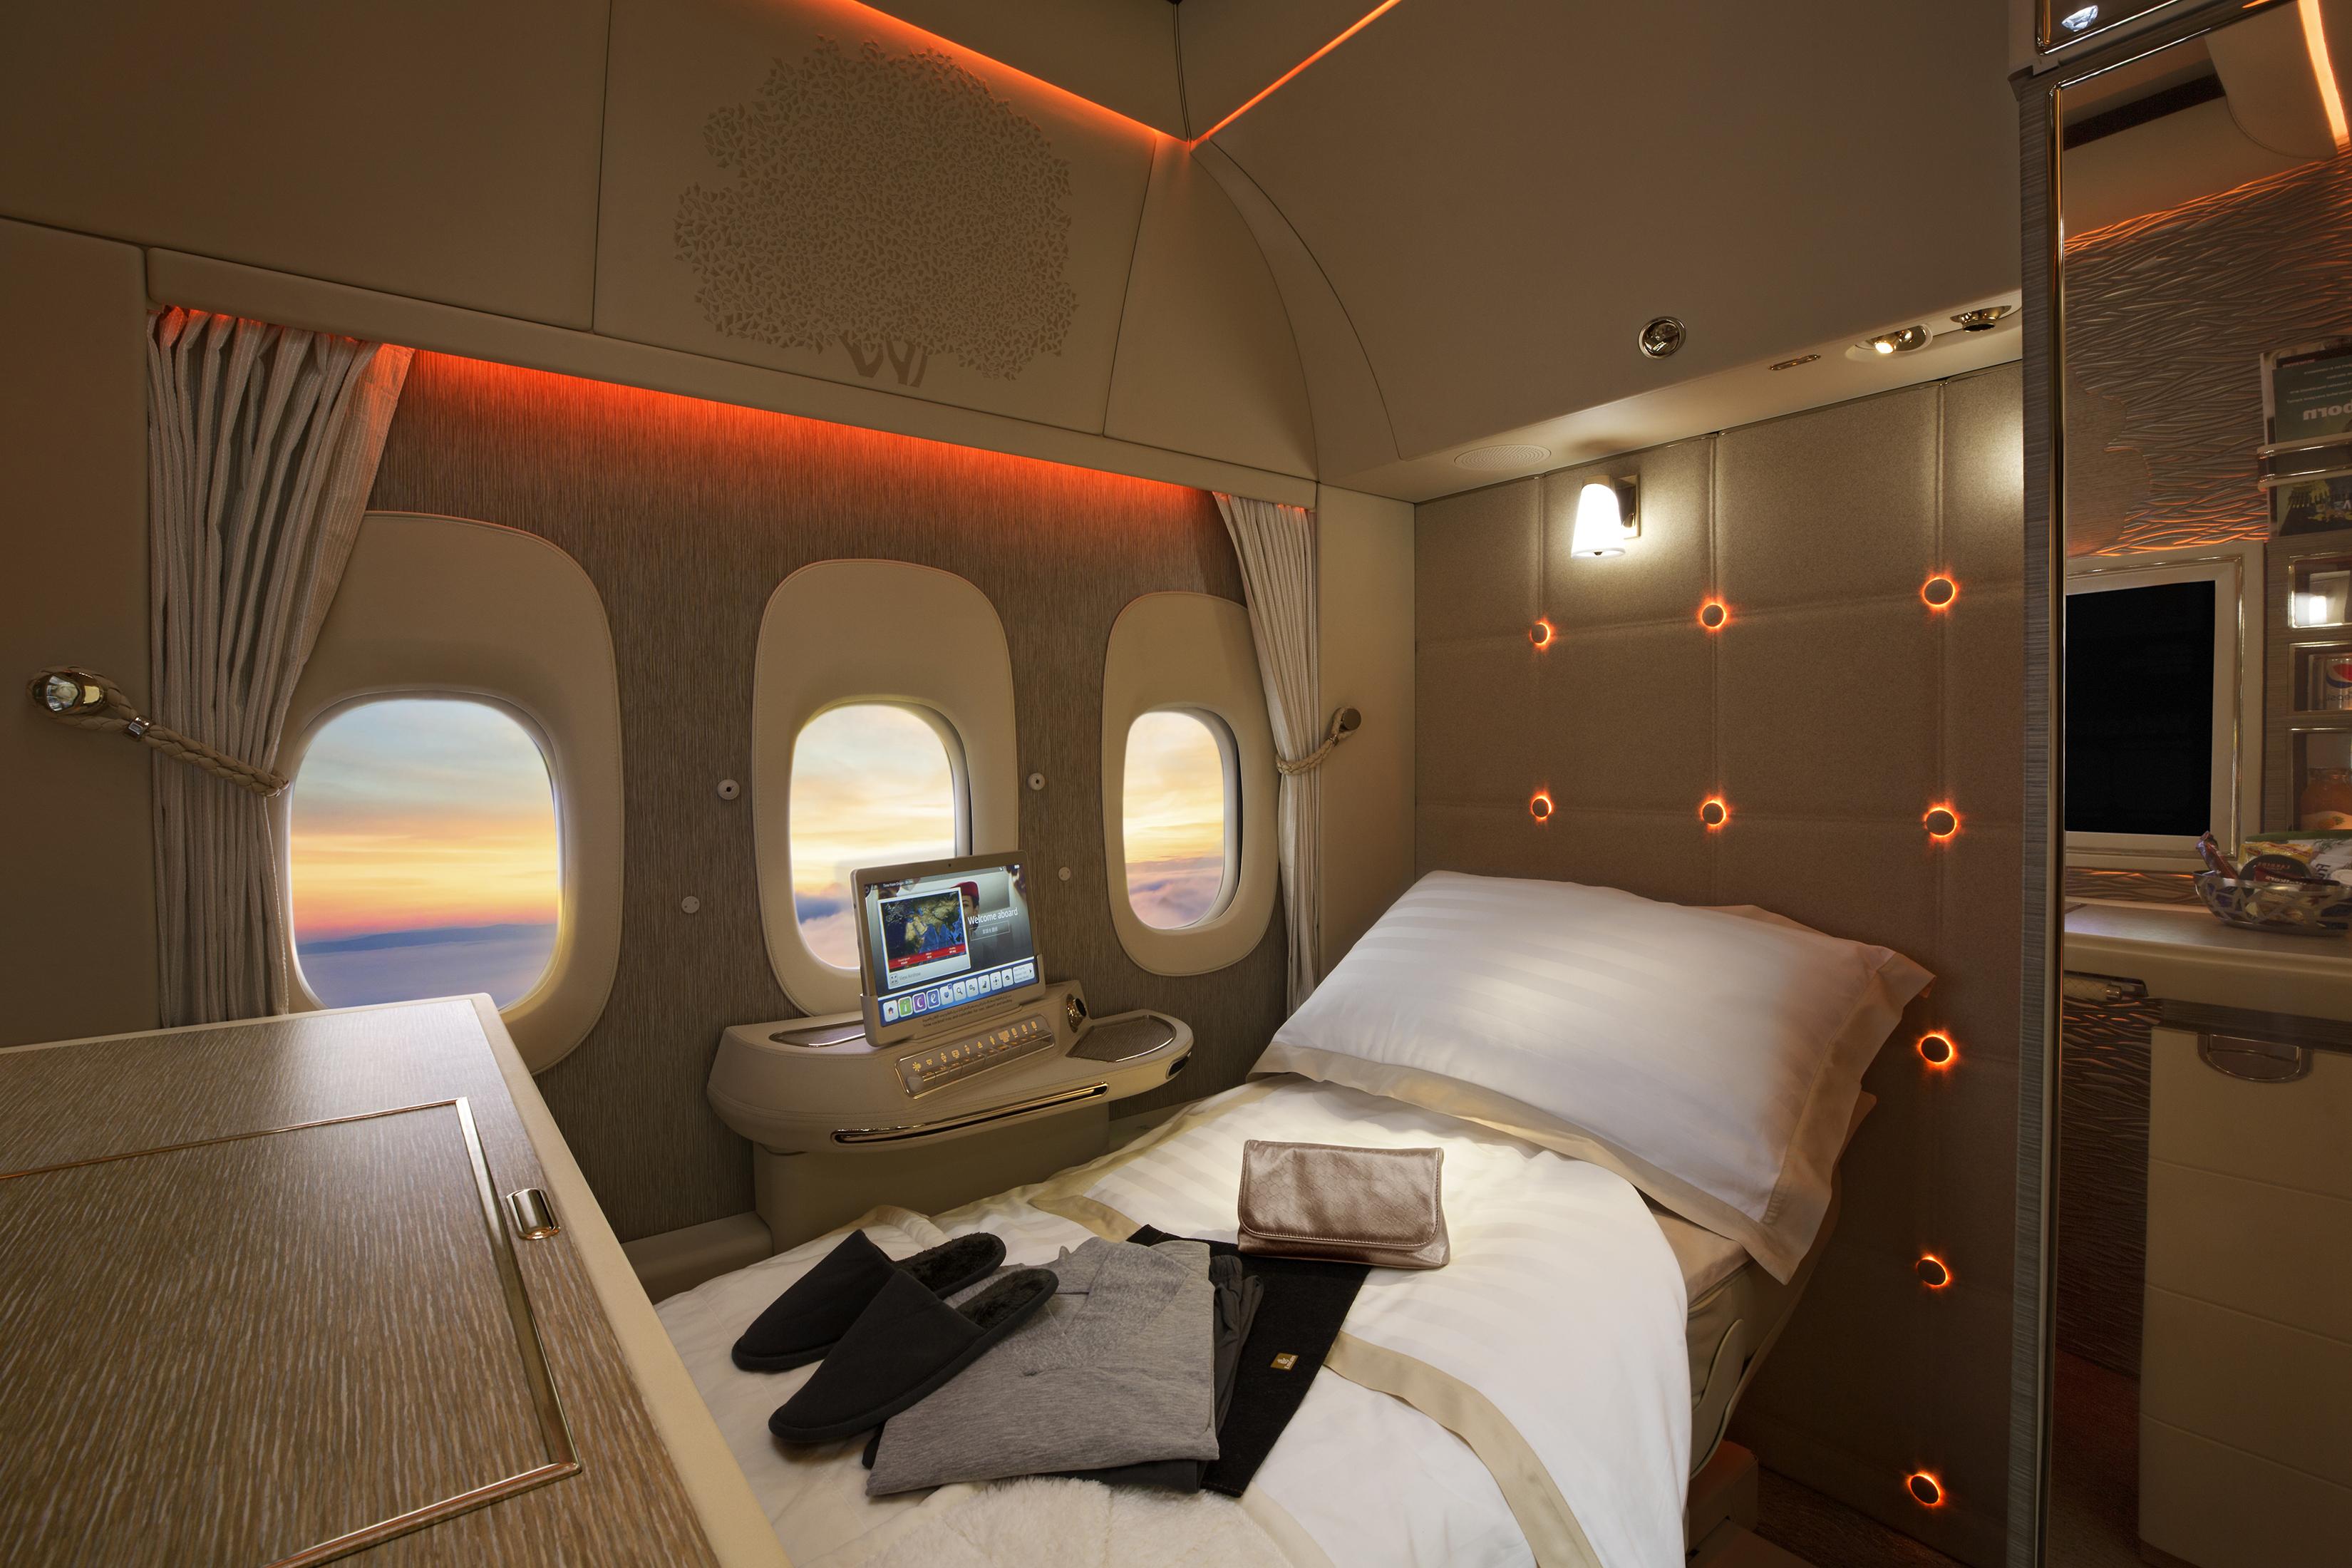 En af de nye First Class-suiter ombord på Boeing 777 hos Emirates. Foto: Emirates